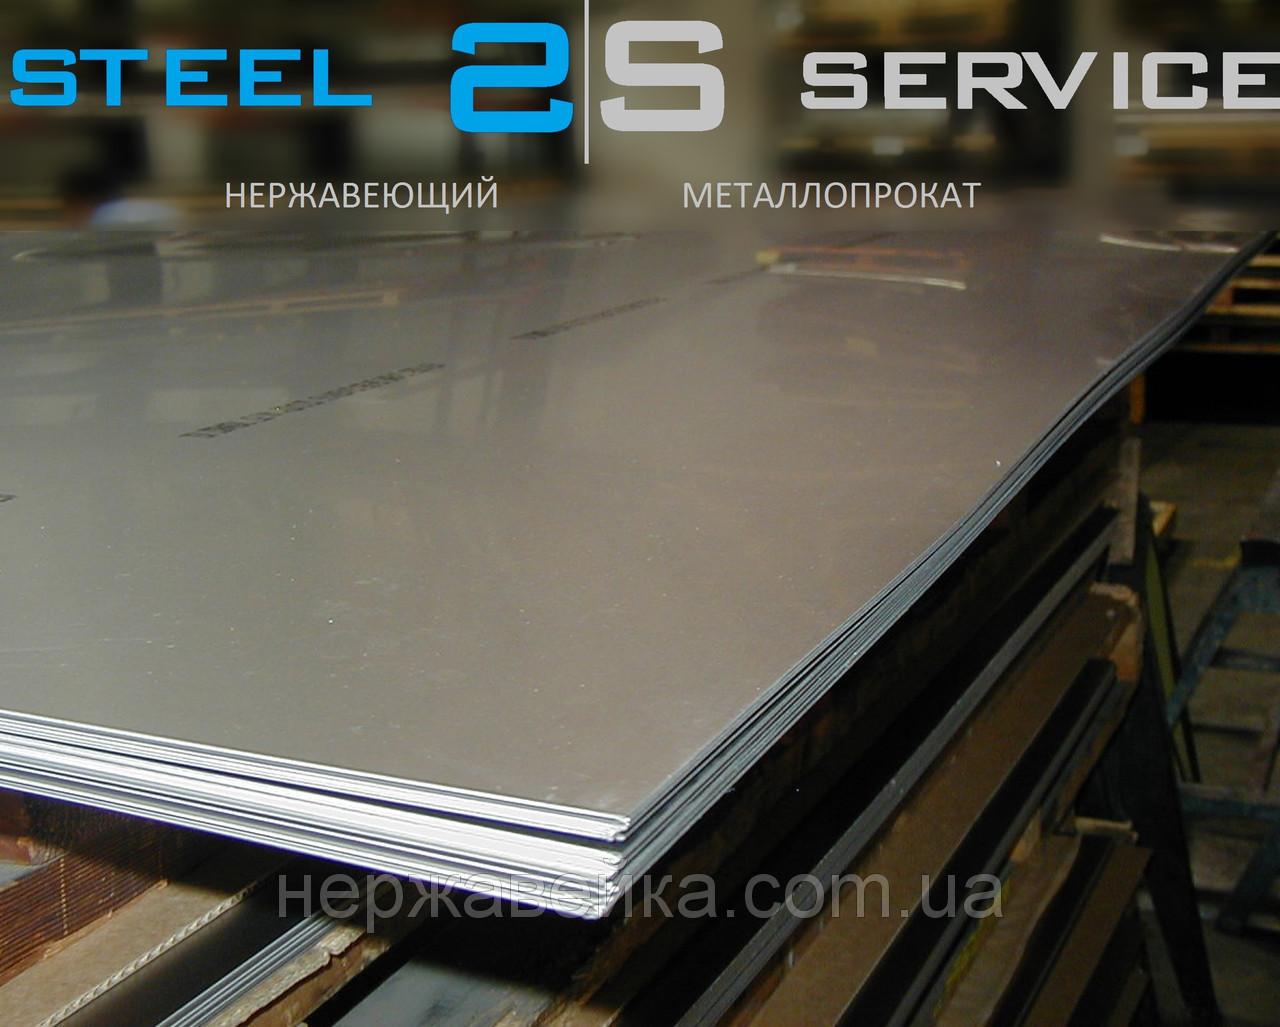 Нержавейка лист 0,5х1250х2500мм  AISI 309(20Х23Н13, 20Х20Н14С2) 2B - матовый,  жаропрочный